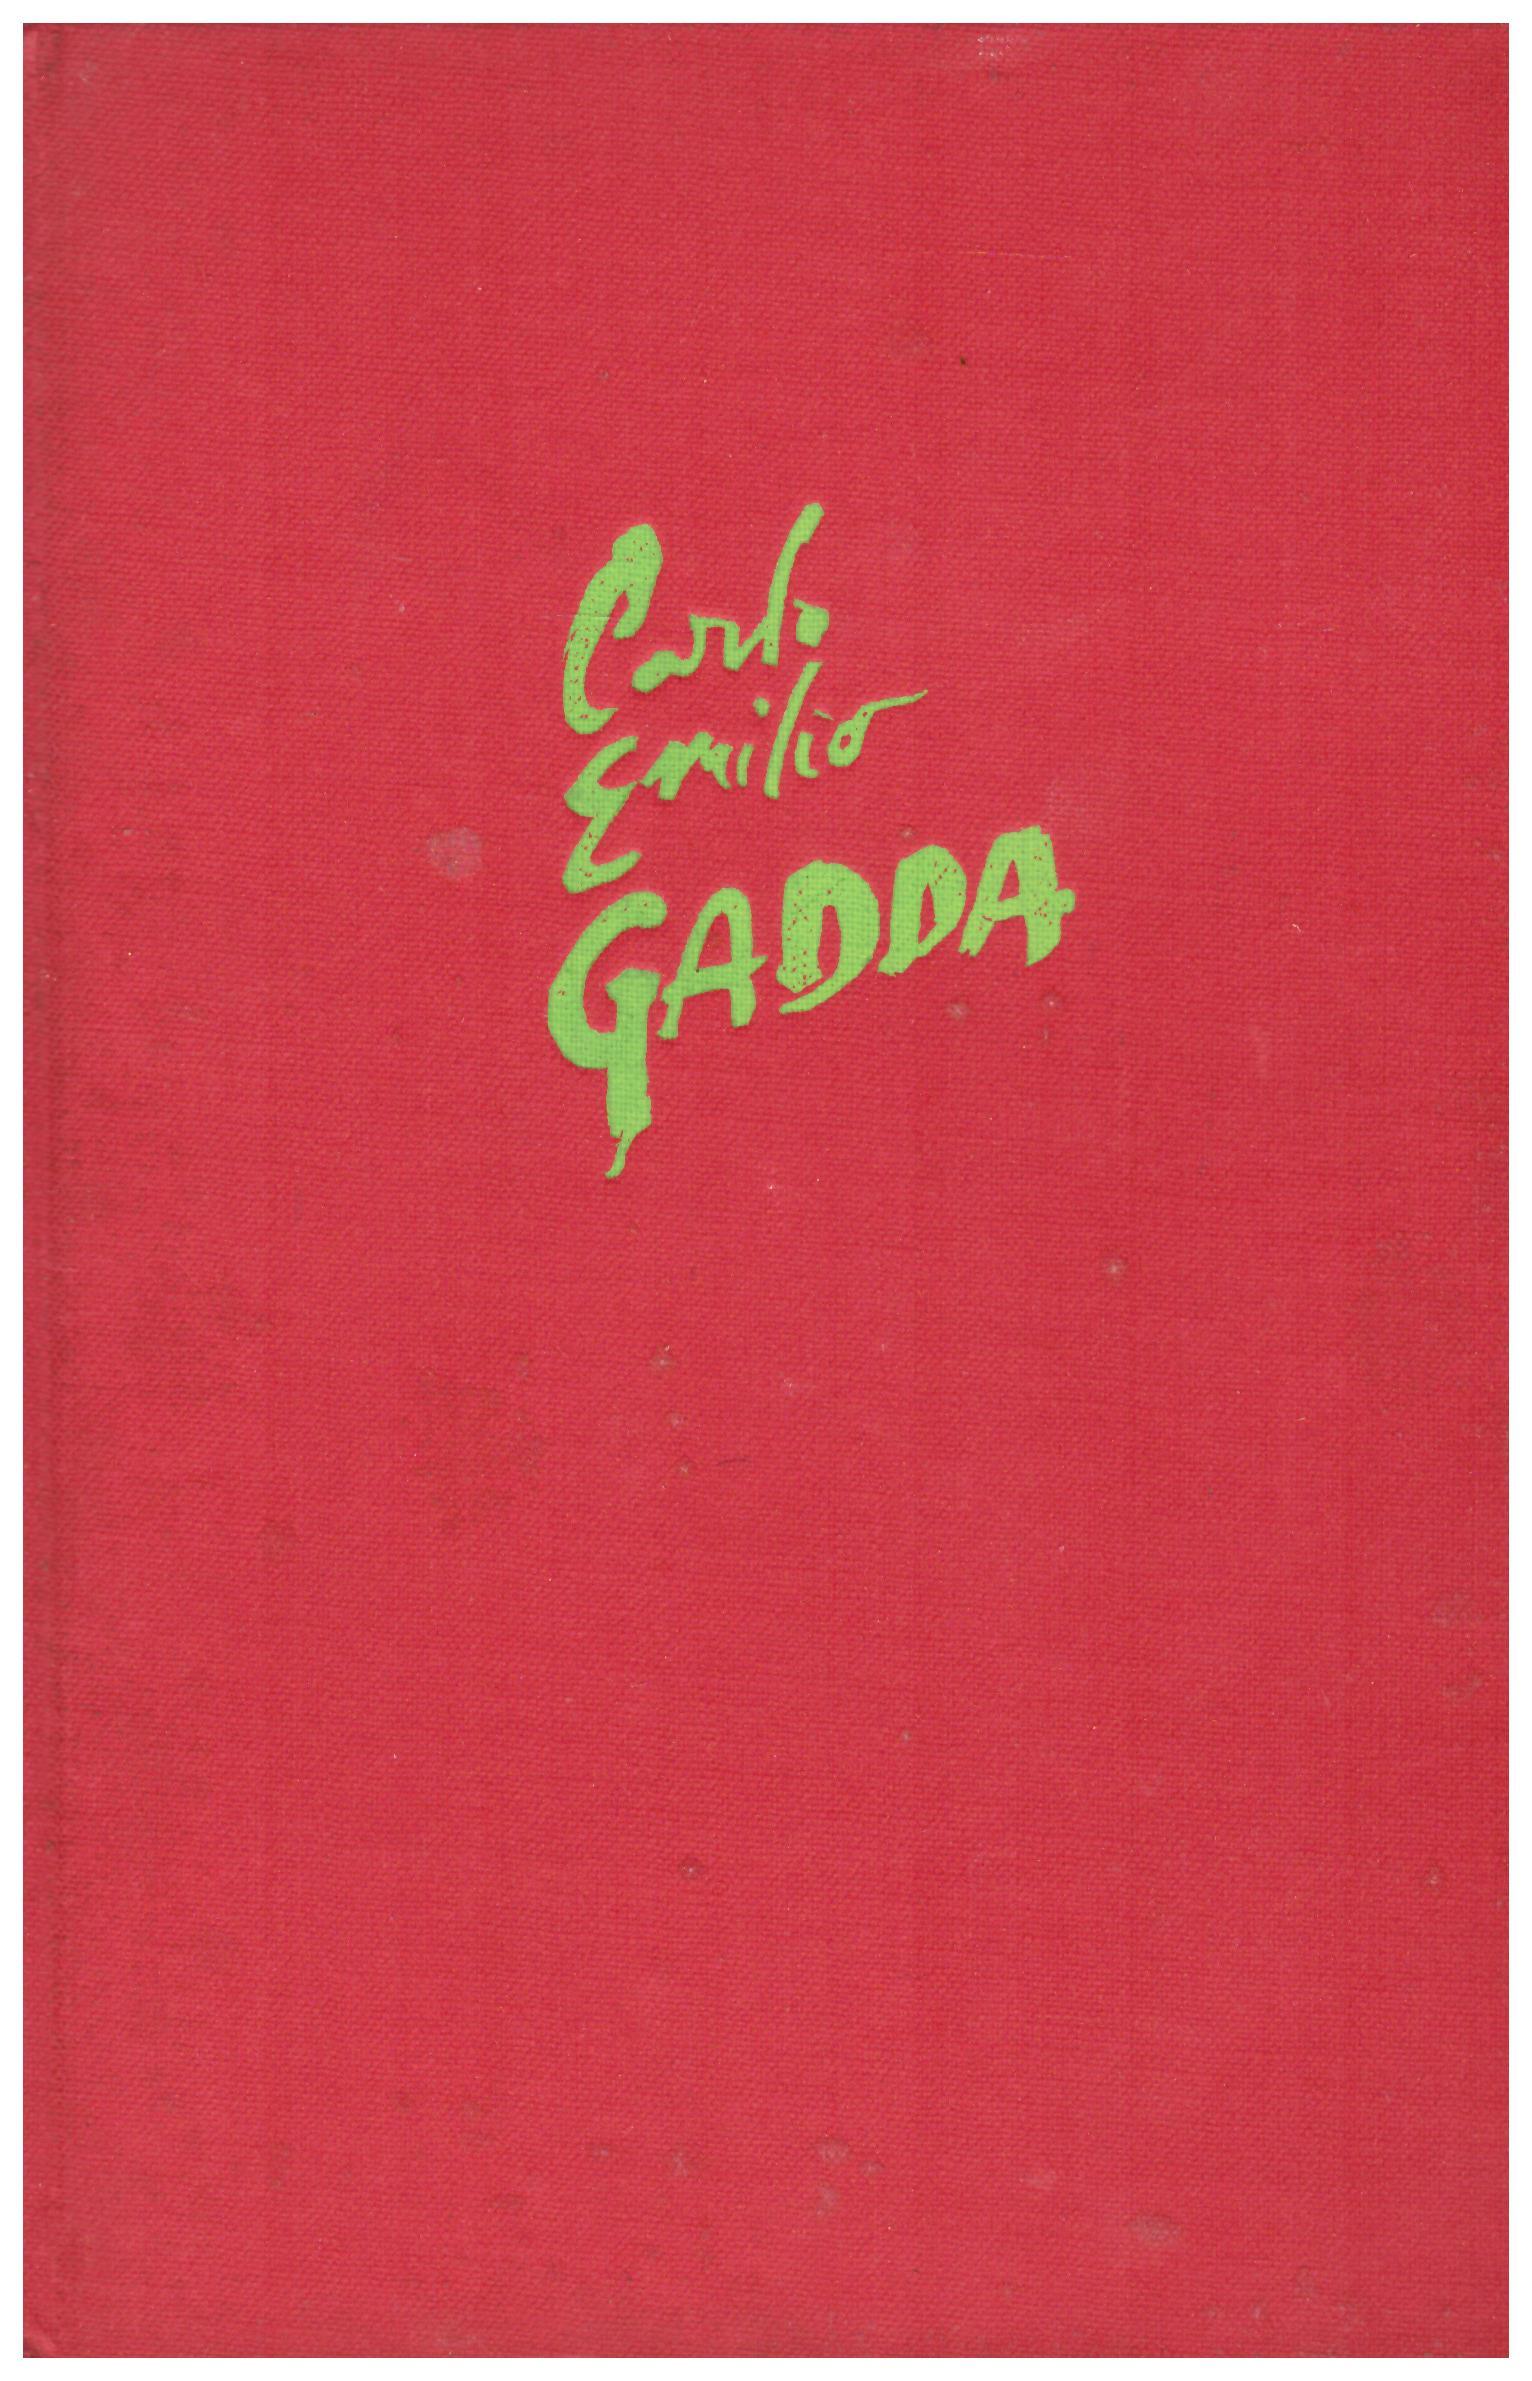 Titolo: Quer pasticcio brutto de via merulana Autore: Carlo Emilio Gadda Editore: Garzanti, 22 giugno 1957 prima edizioni